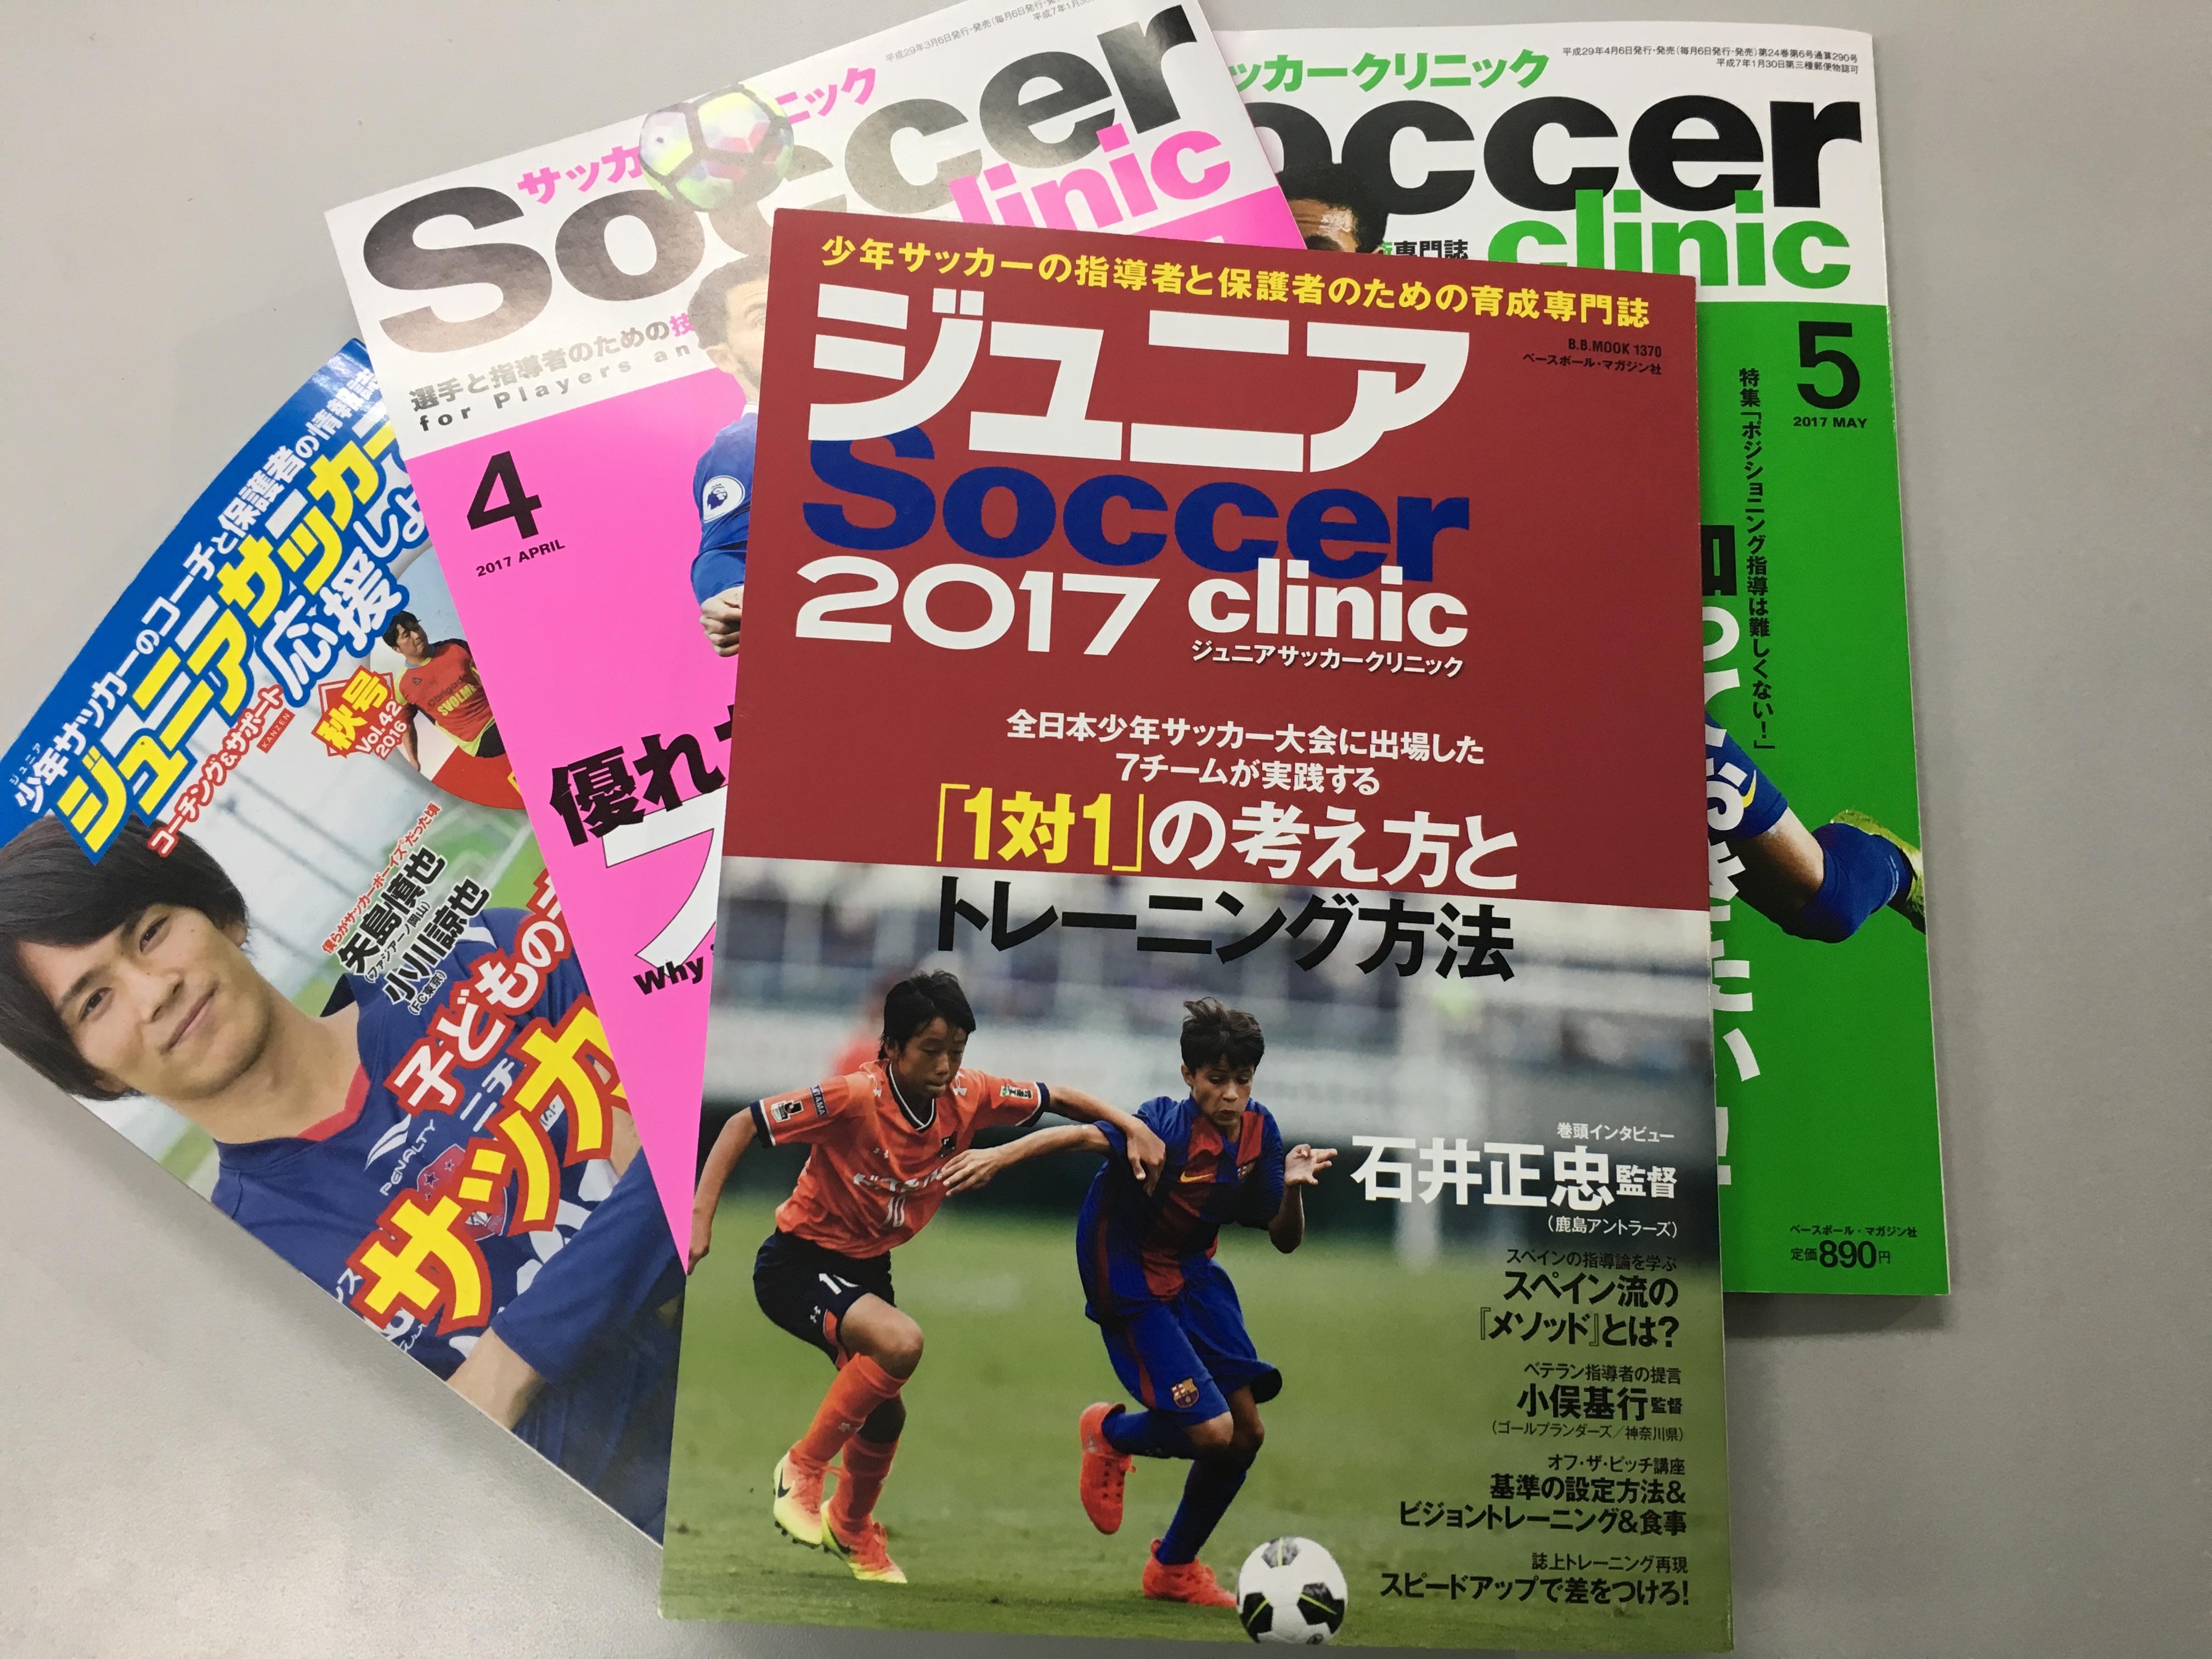 4度目のサッカー雑誌に掲載されました! メソッド論を語る!